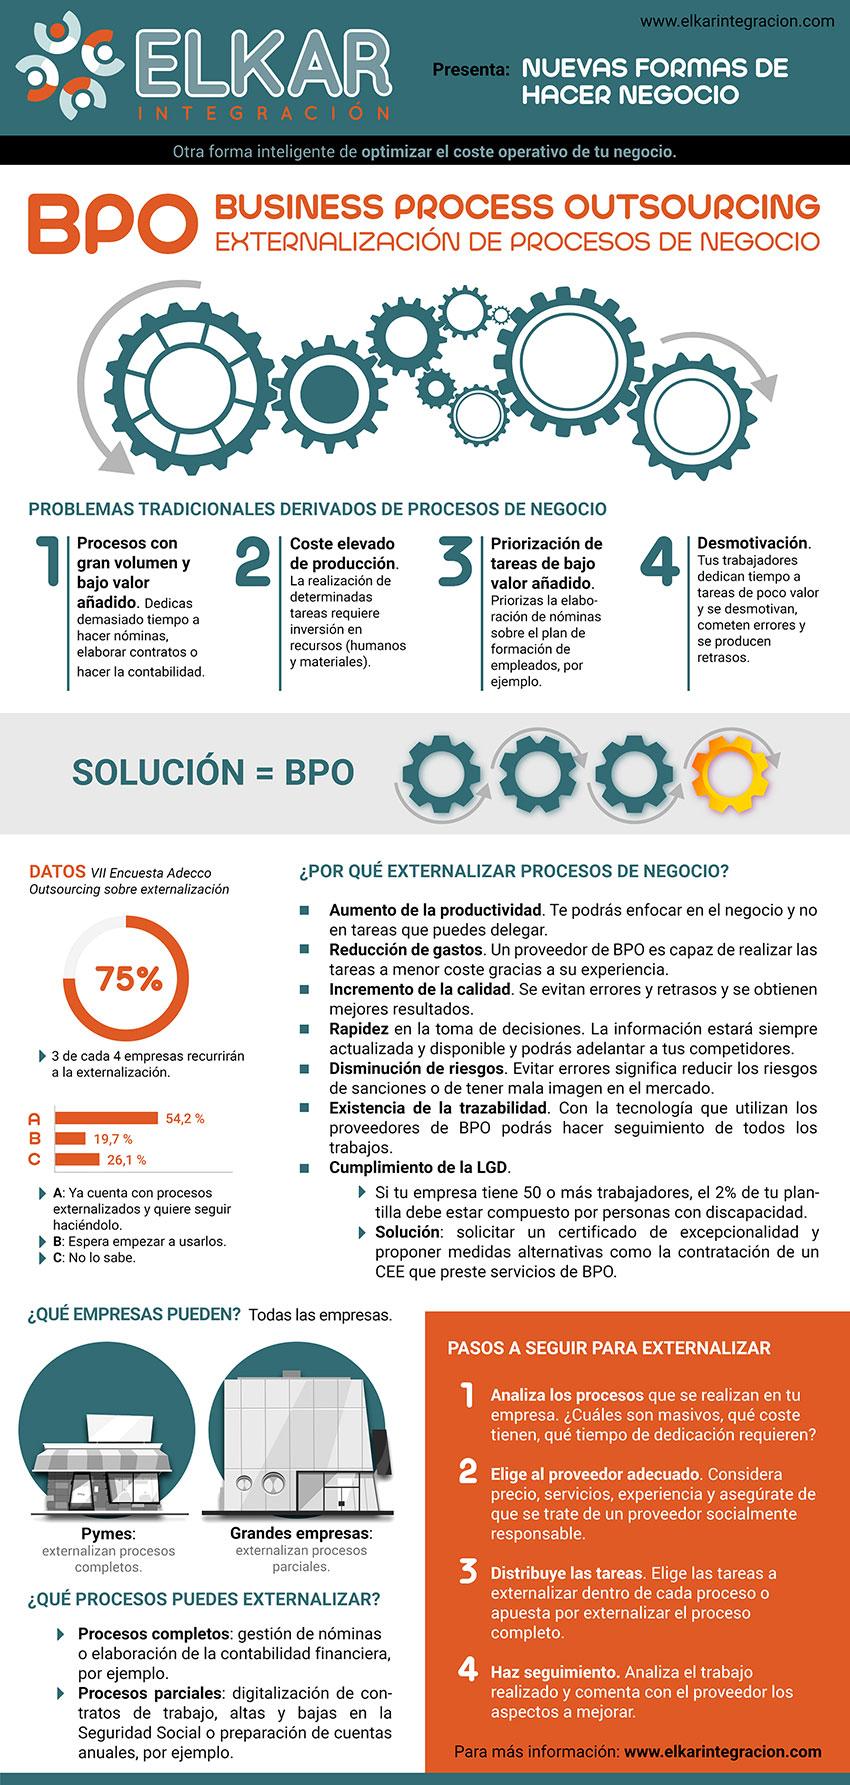 Ventajas de los servicios BPO